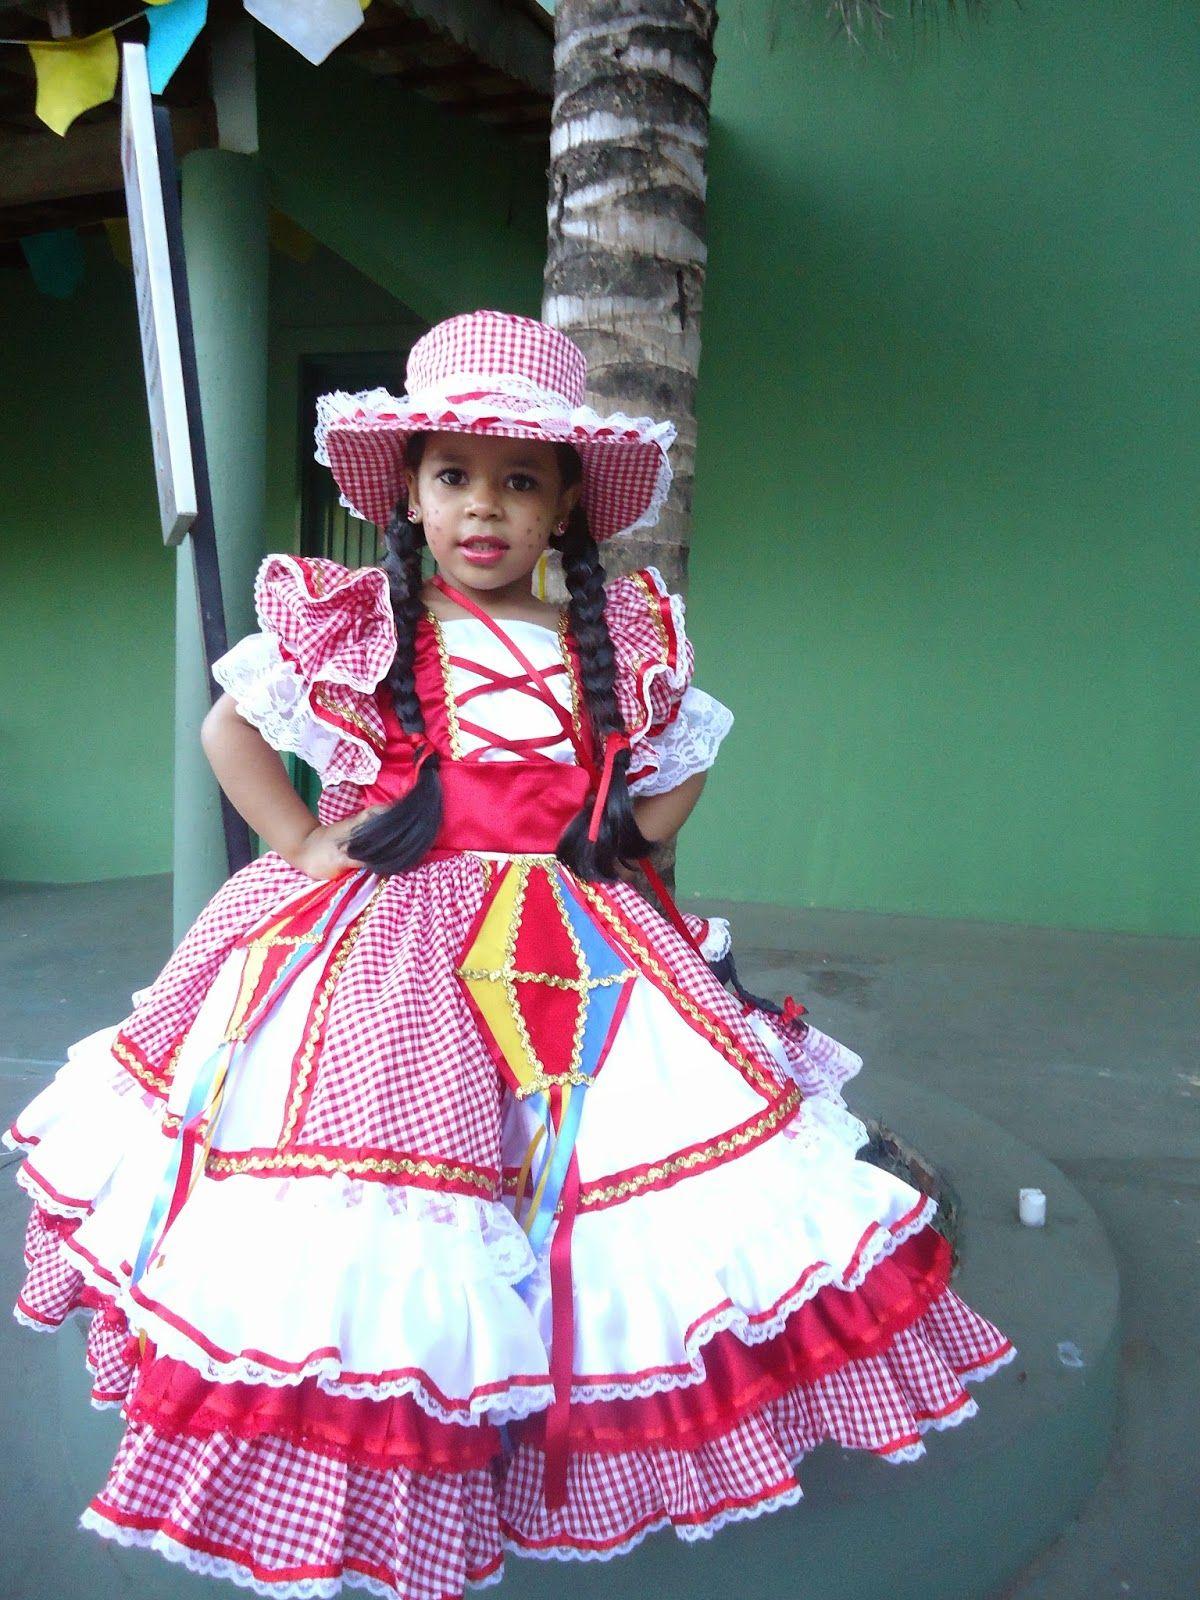 c5a41889d vestido de quadrilha infantil vermelho e branco,vestido de quadrilha  infantil,vestido de quadrilha infantil vermelho e branco balão